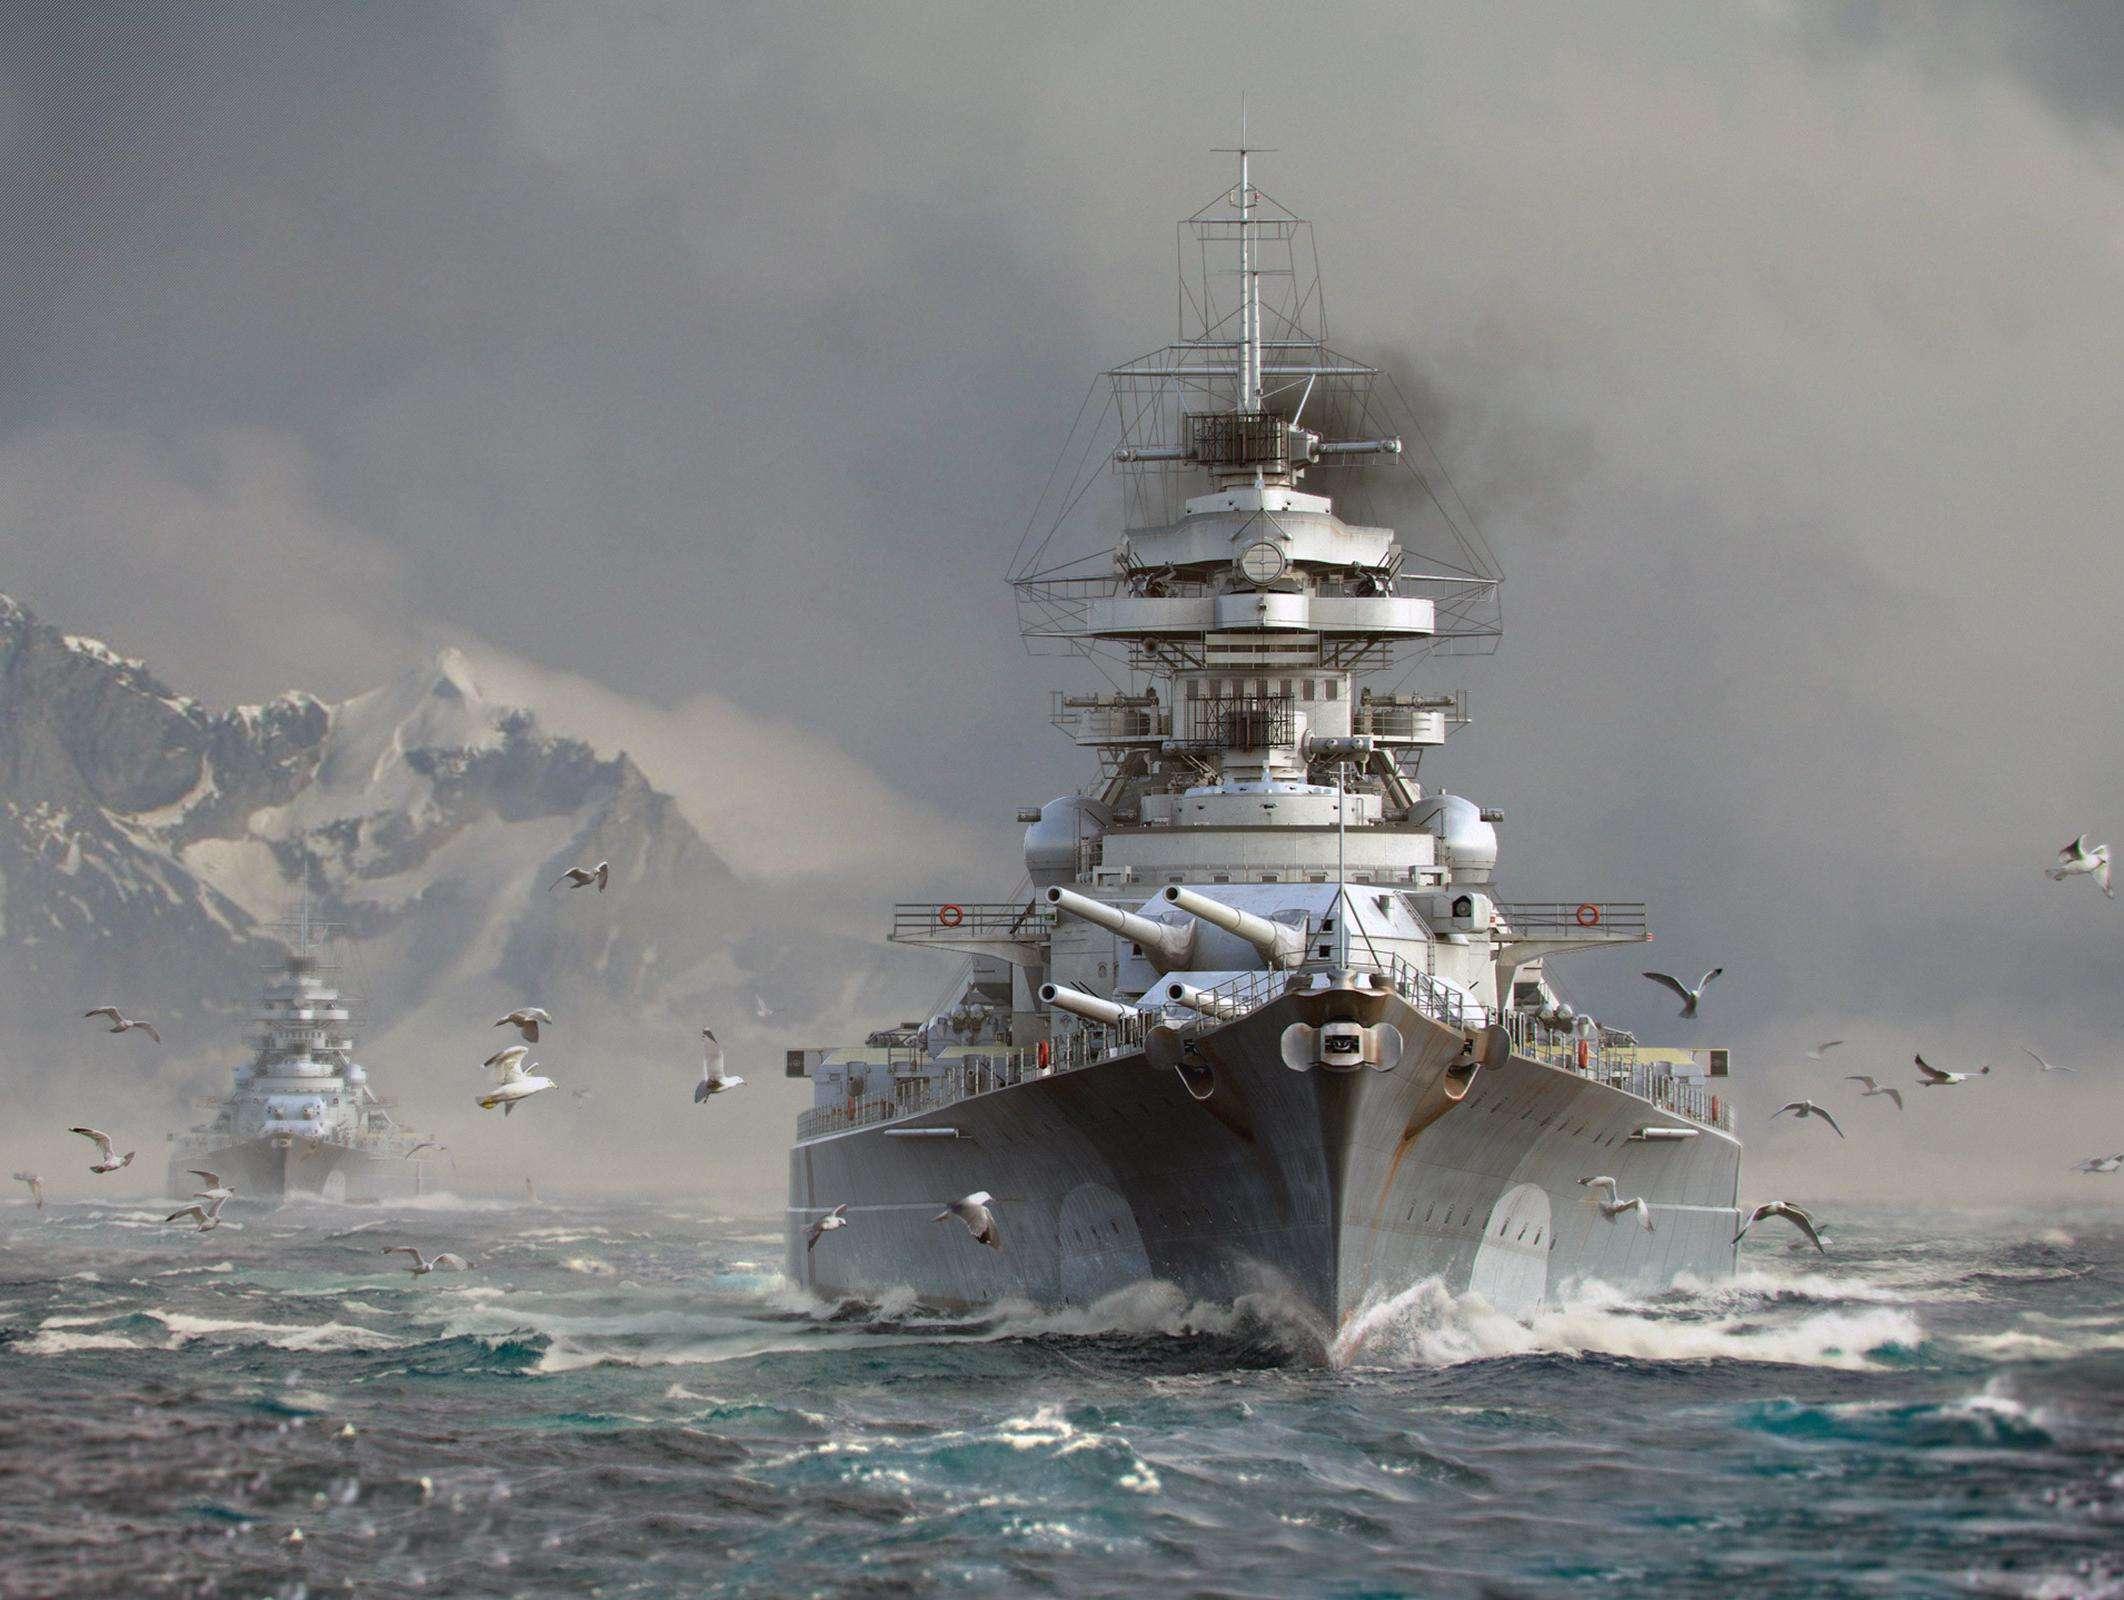 战列舰主炮威力有多大?与炮兵对轰,11发炮弹将对面轰稀碎